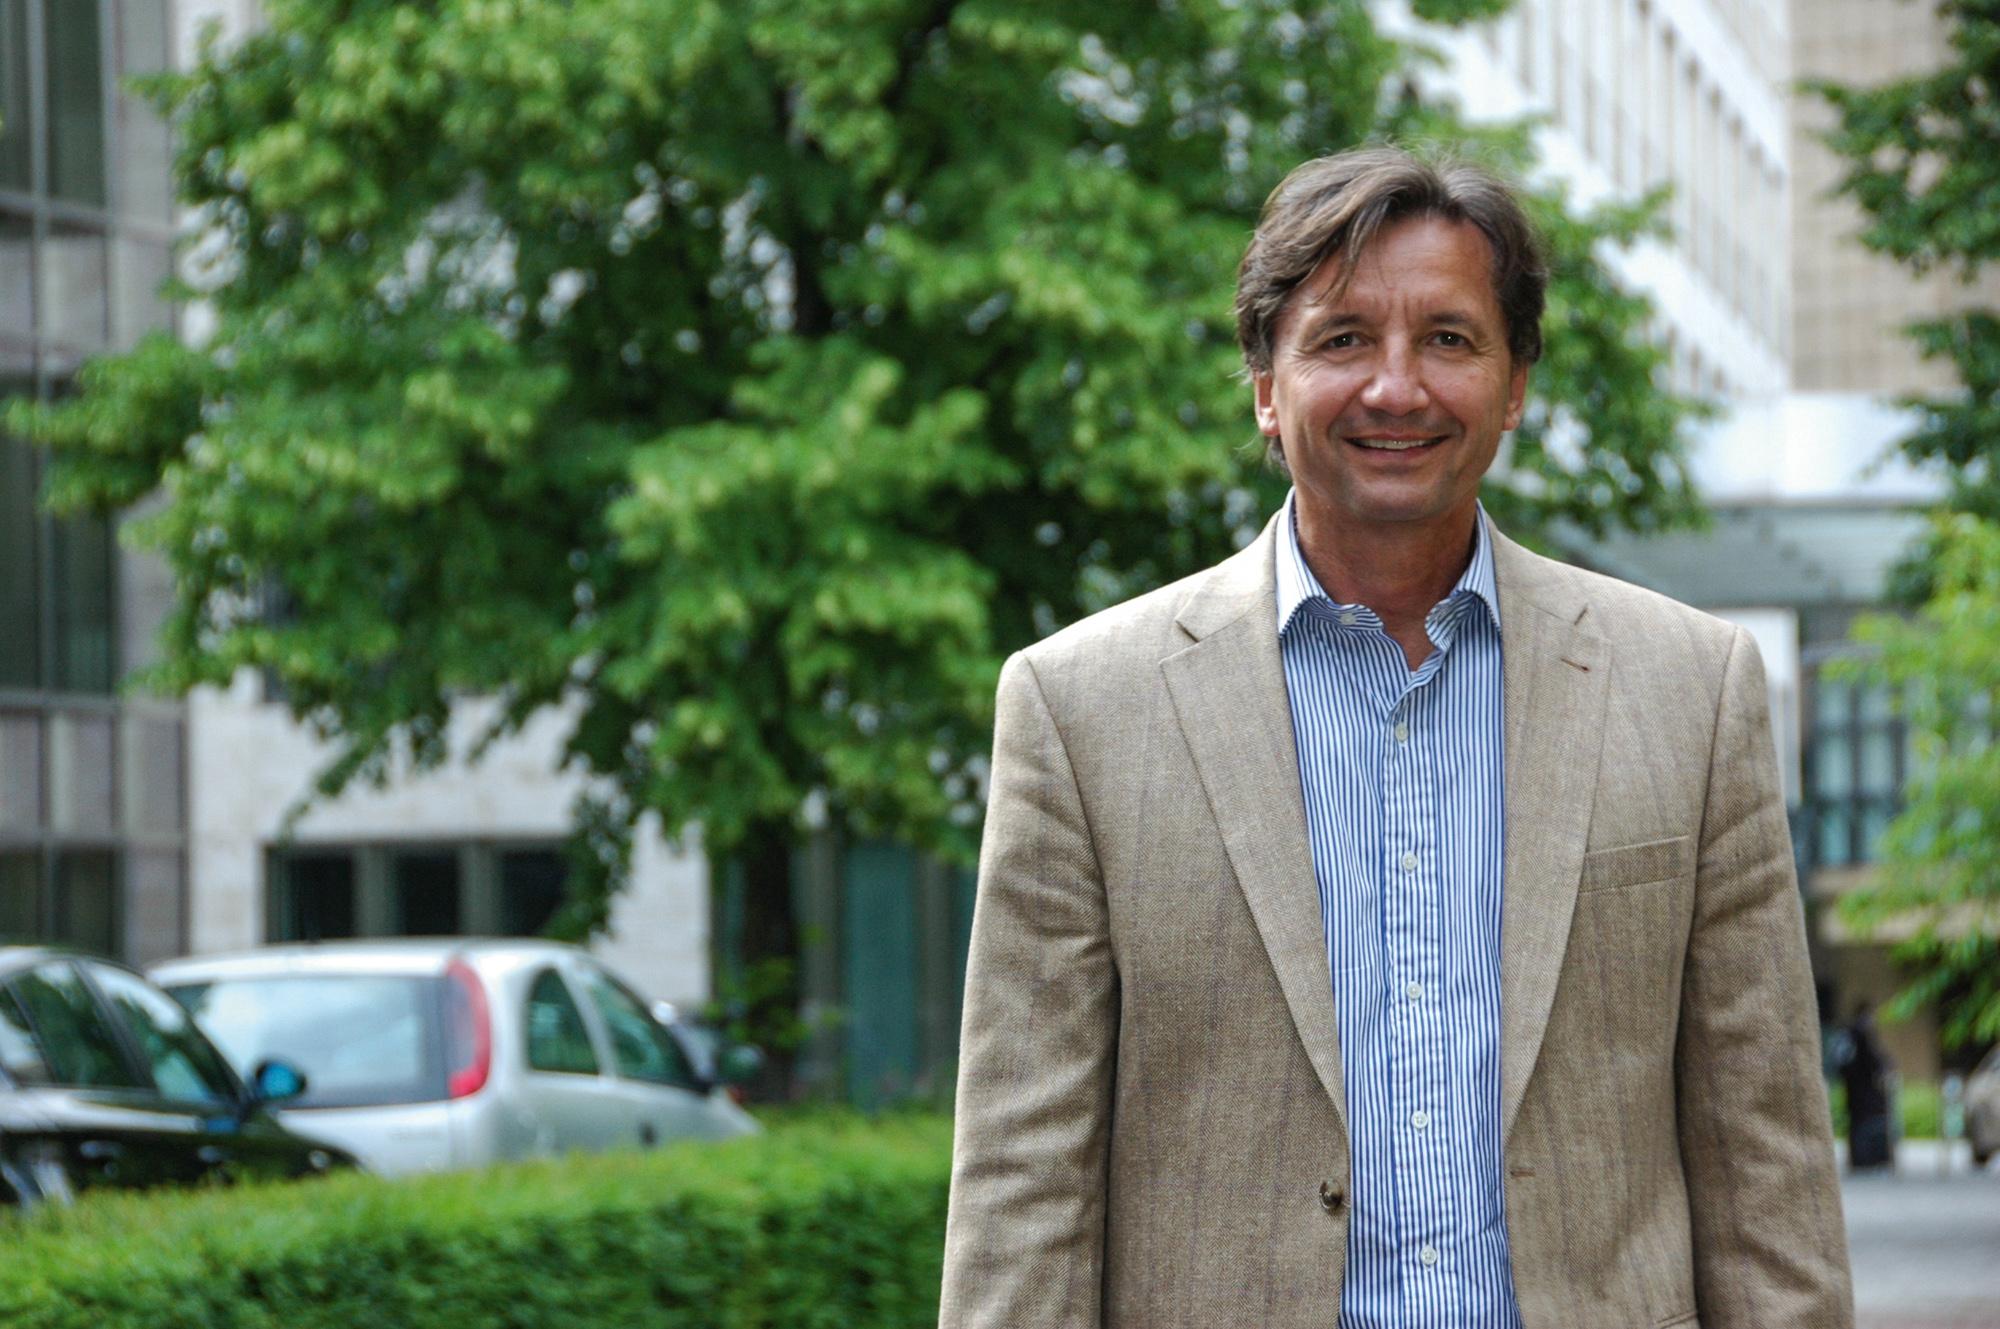 Eugen Mersch